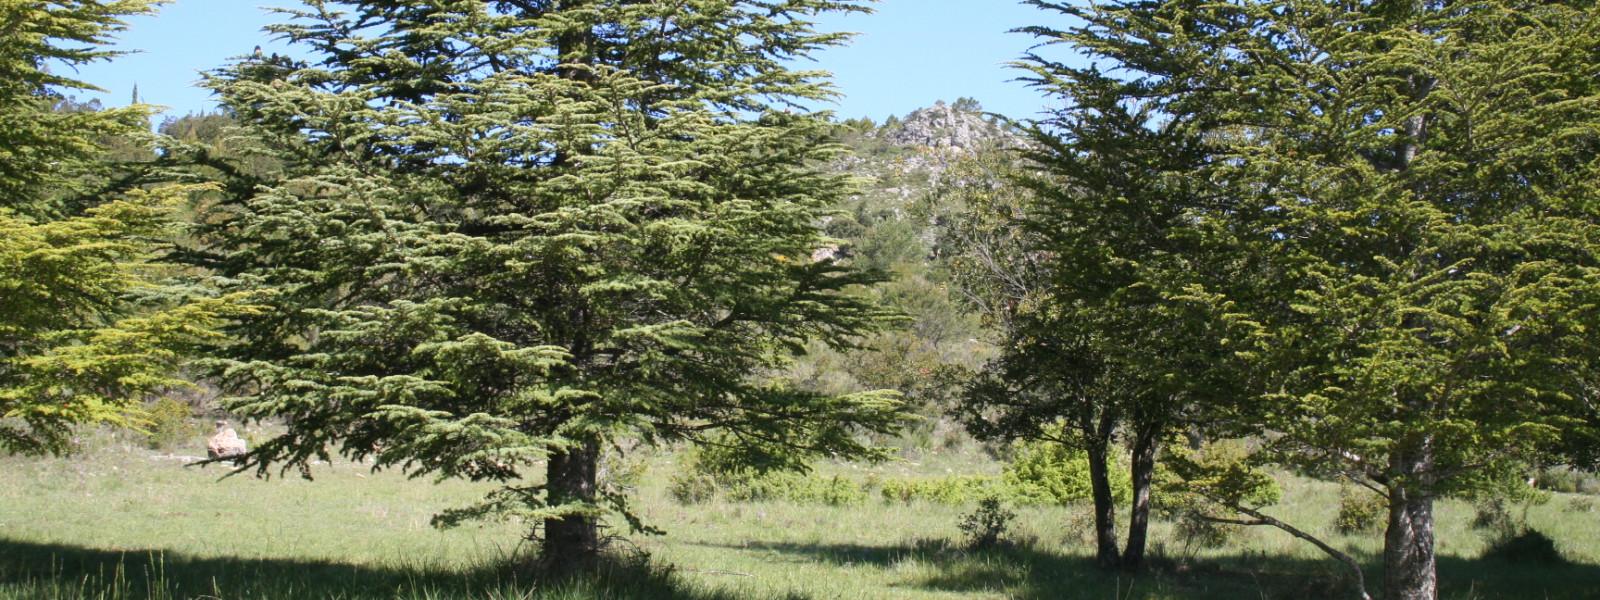 32 hectares de terrain à Tourtour